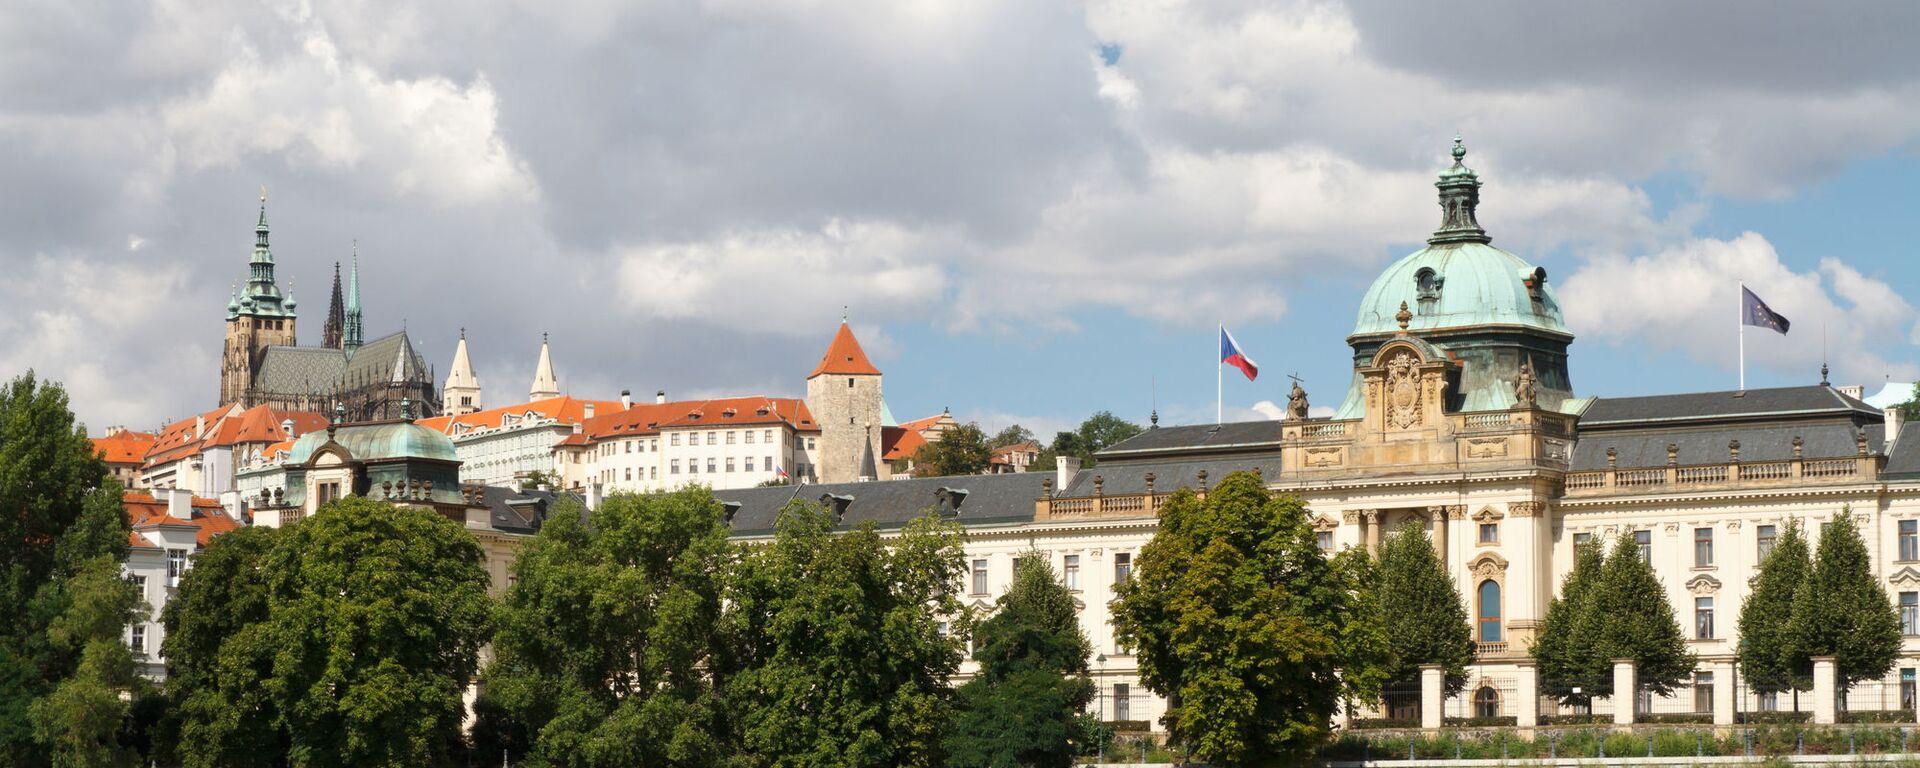 Pohled na Strakovu akademii, kde sídlí česká vláda - Sputnik Česká republika, 1920, 15.02.2021